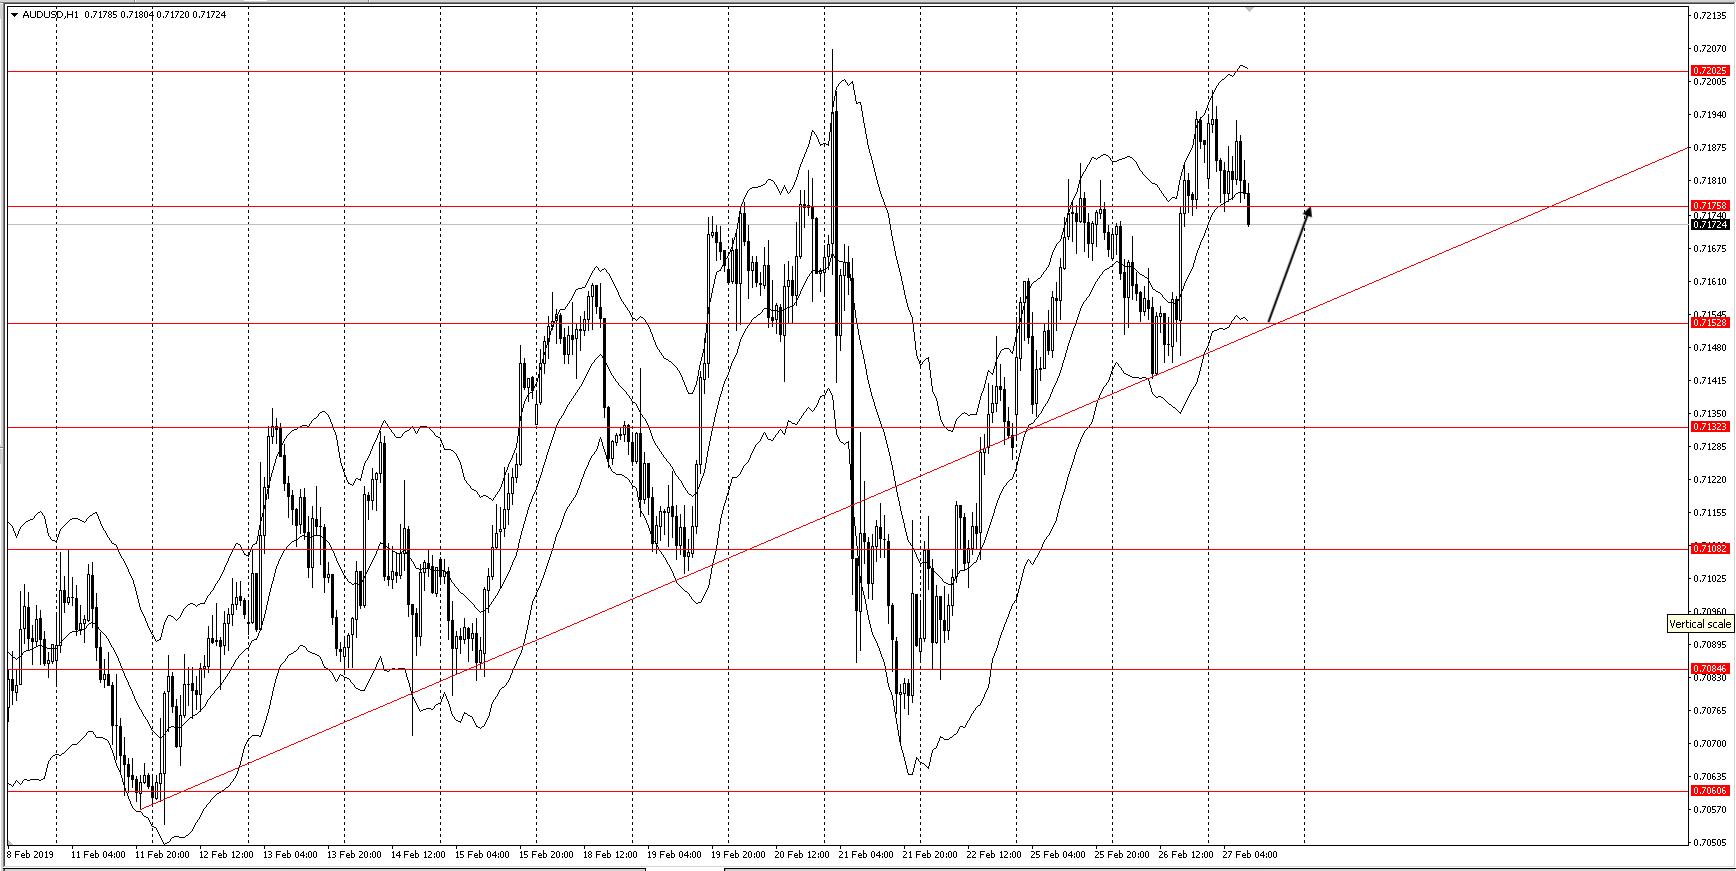 phan-tich-chart-traderviet2.